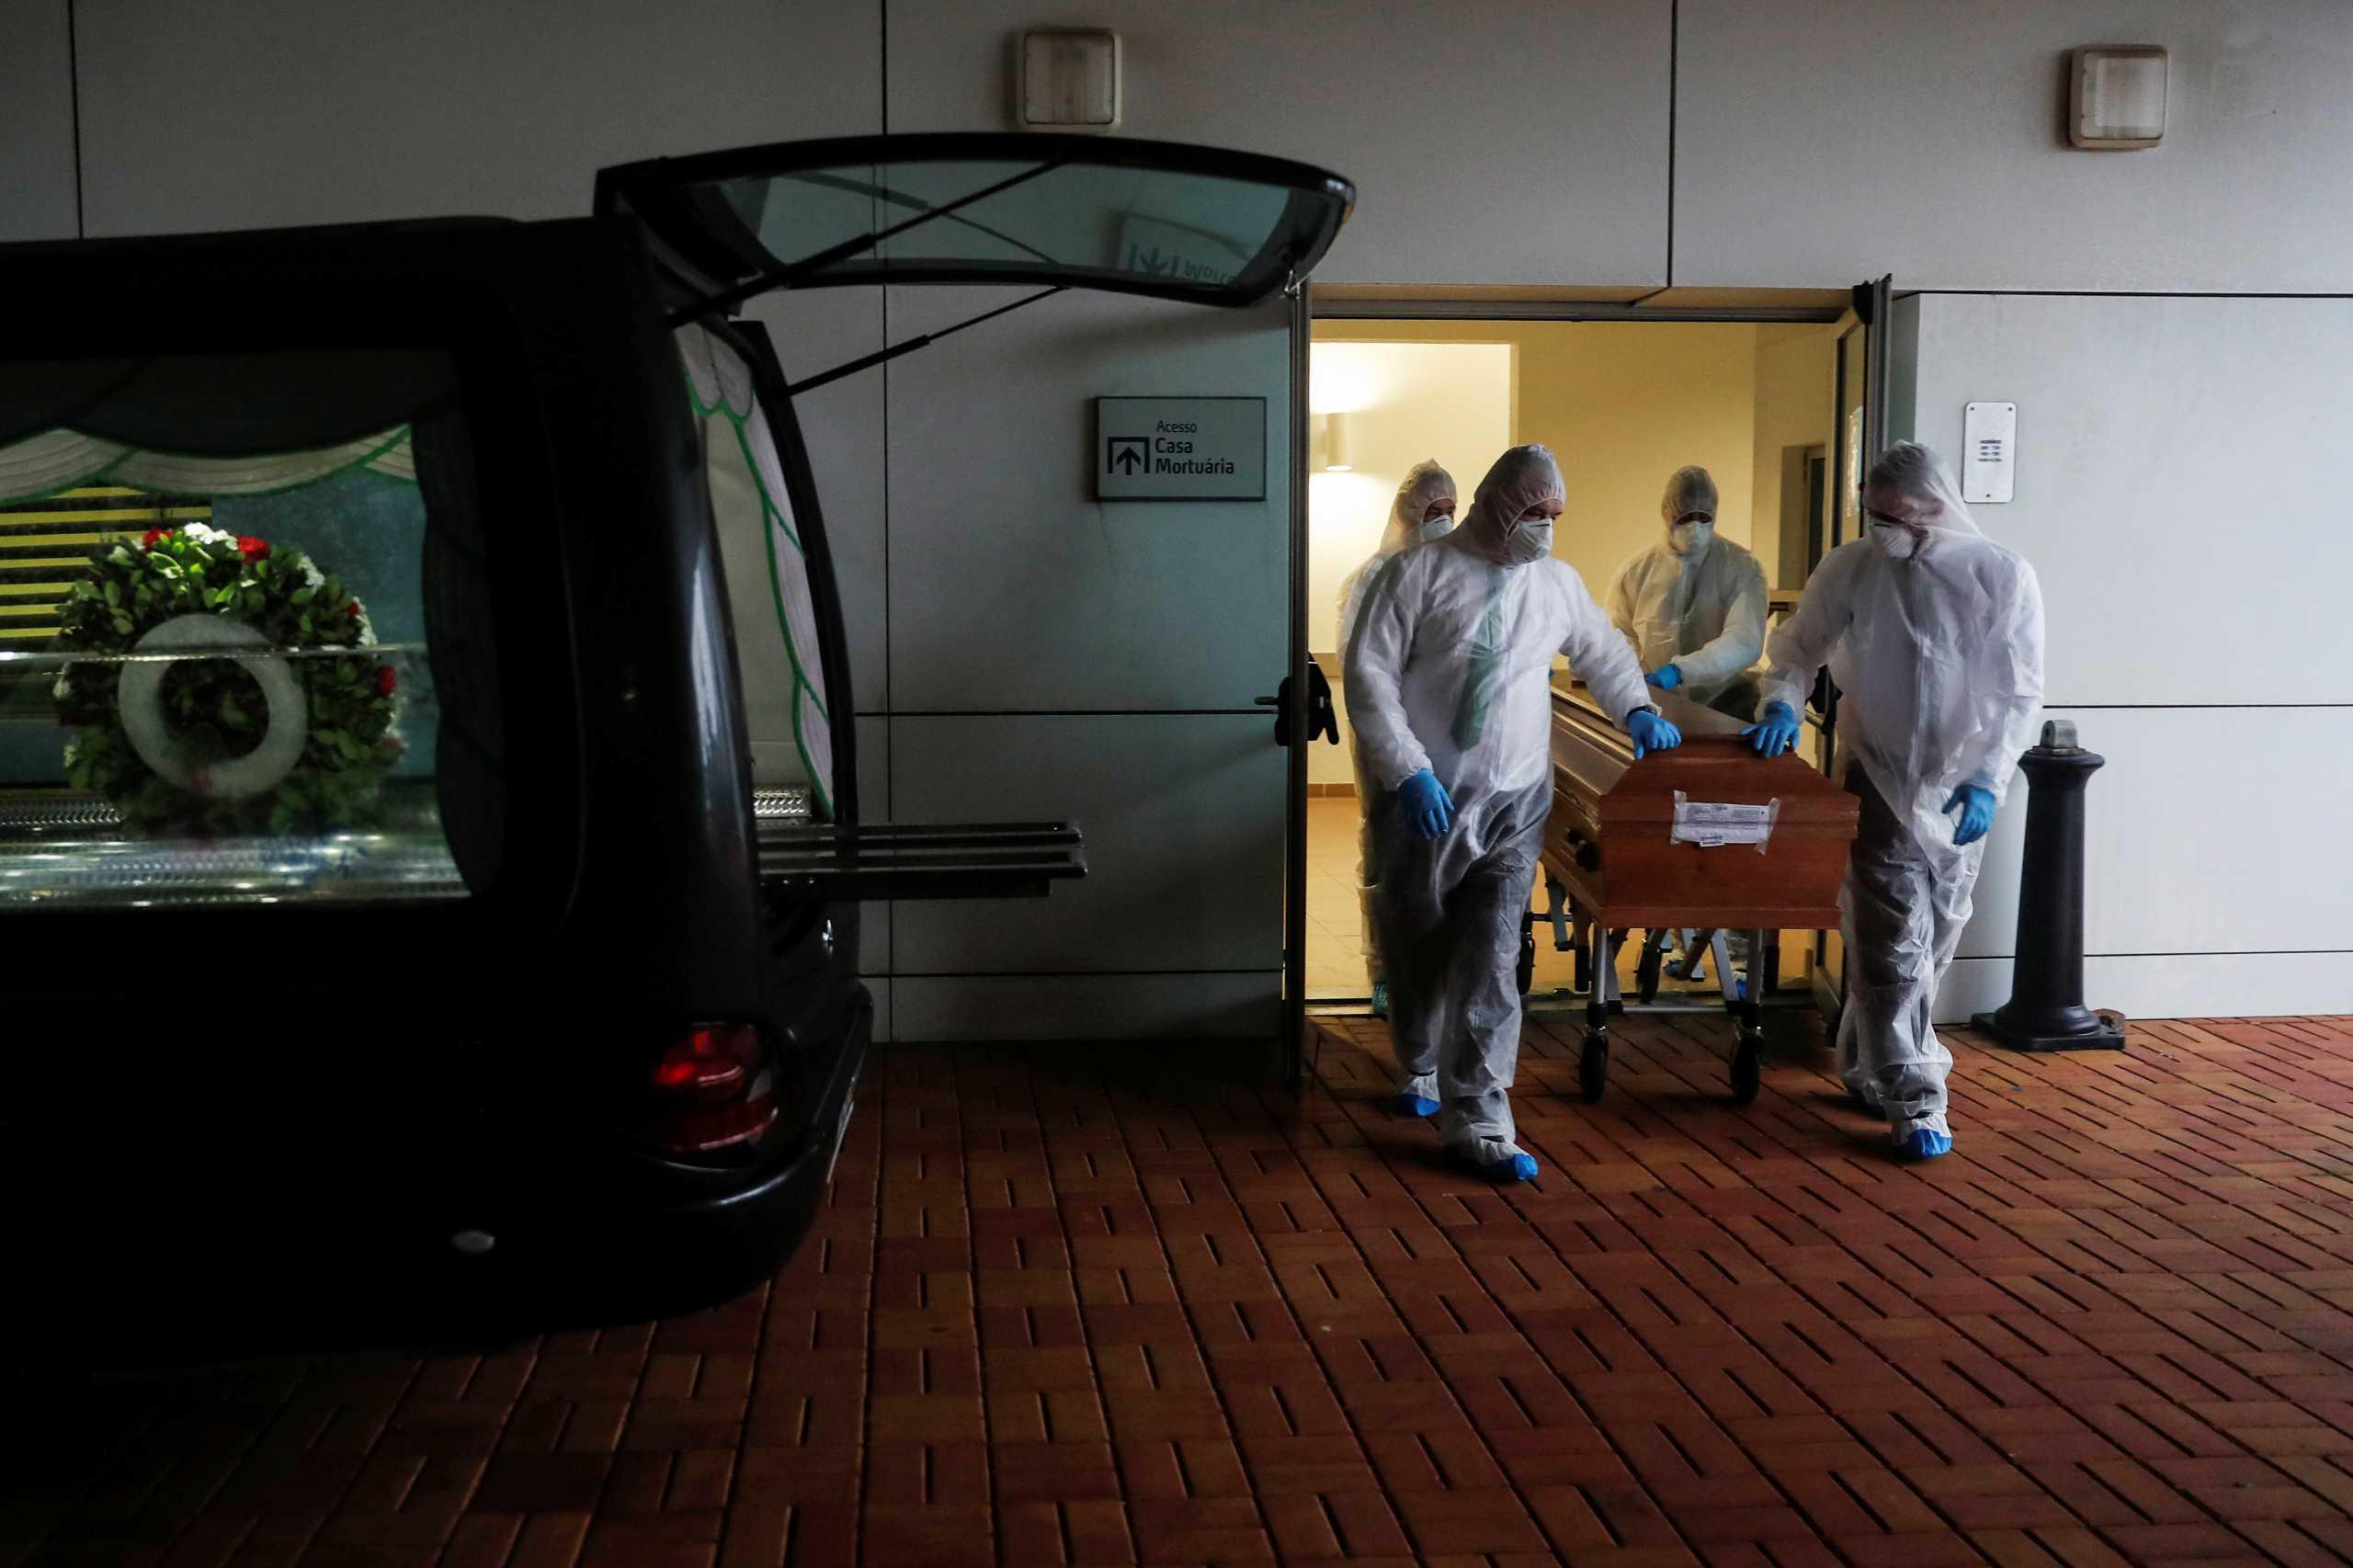 Ρωσία: 507 νεκροί και πάνω από 15.000 κρούσματα κορονοϊού